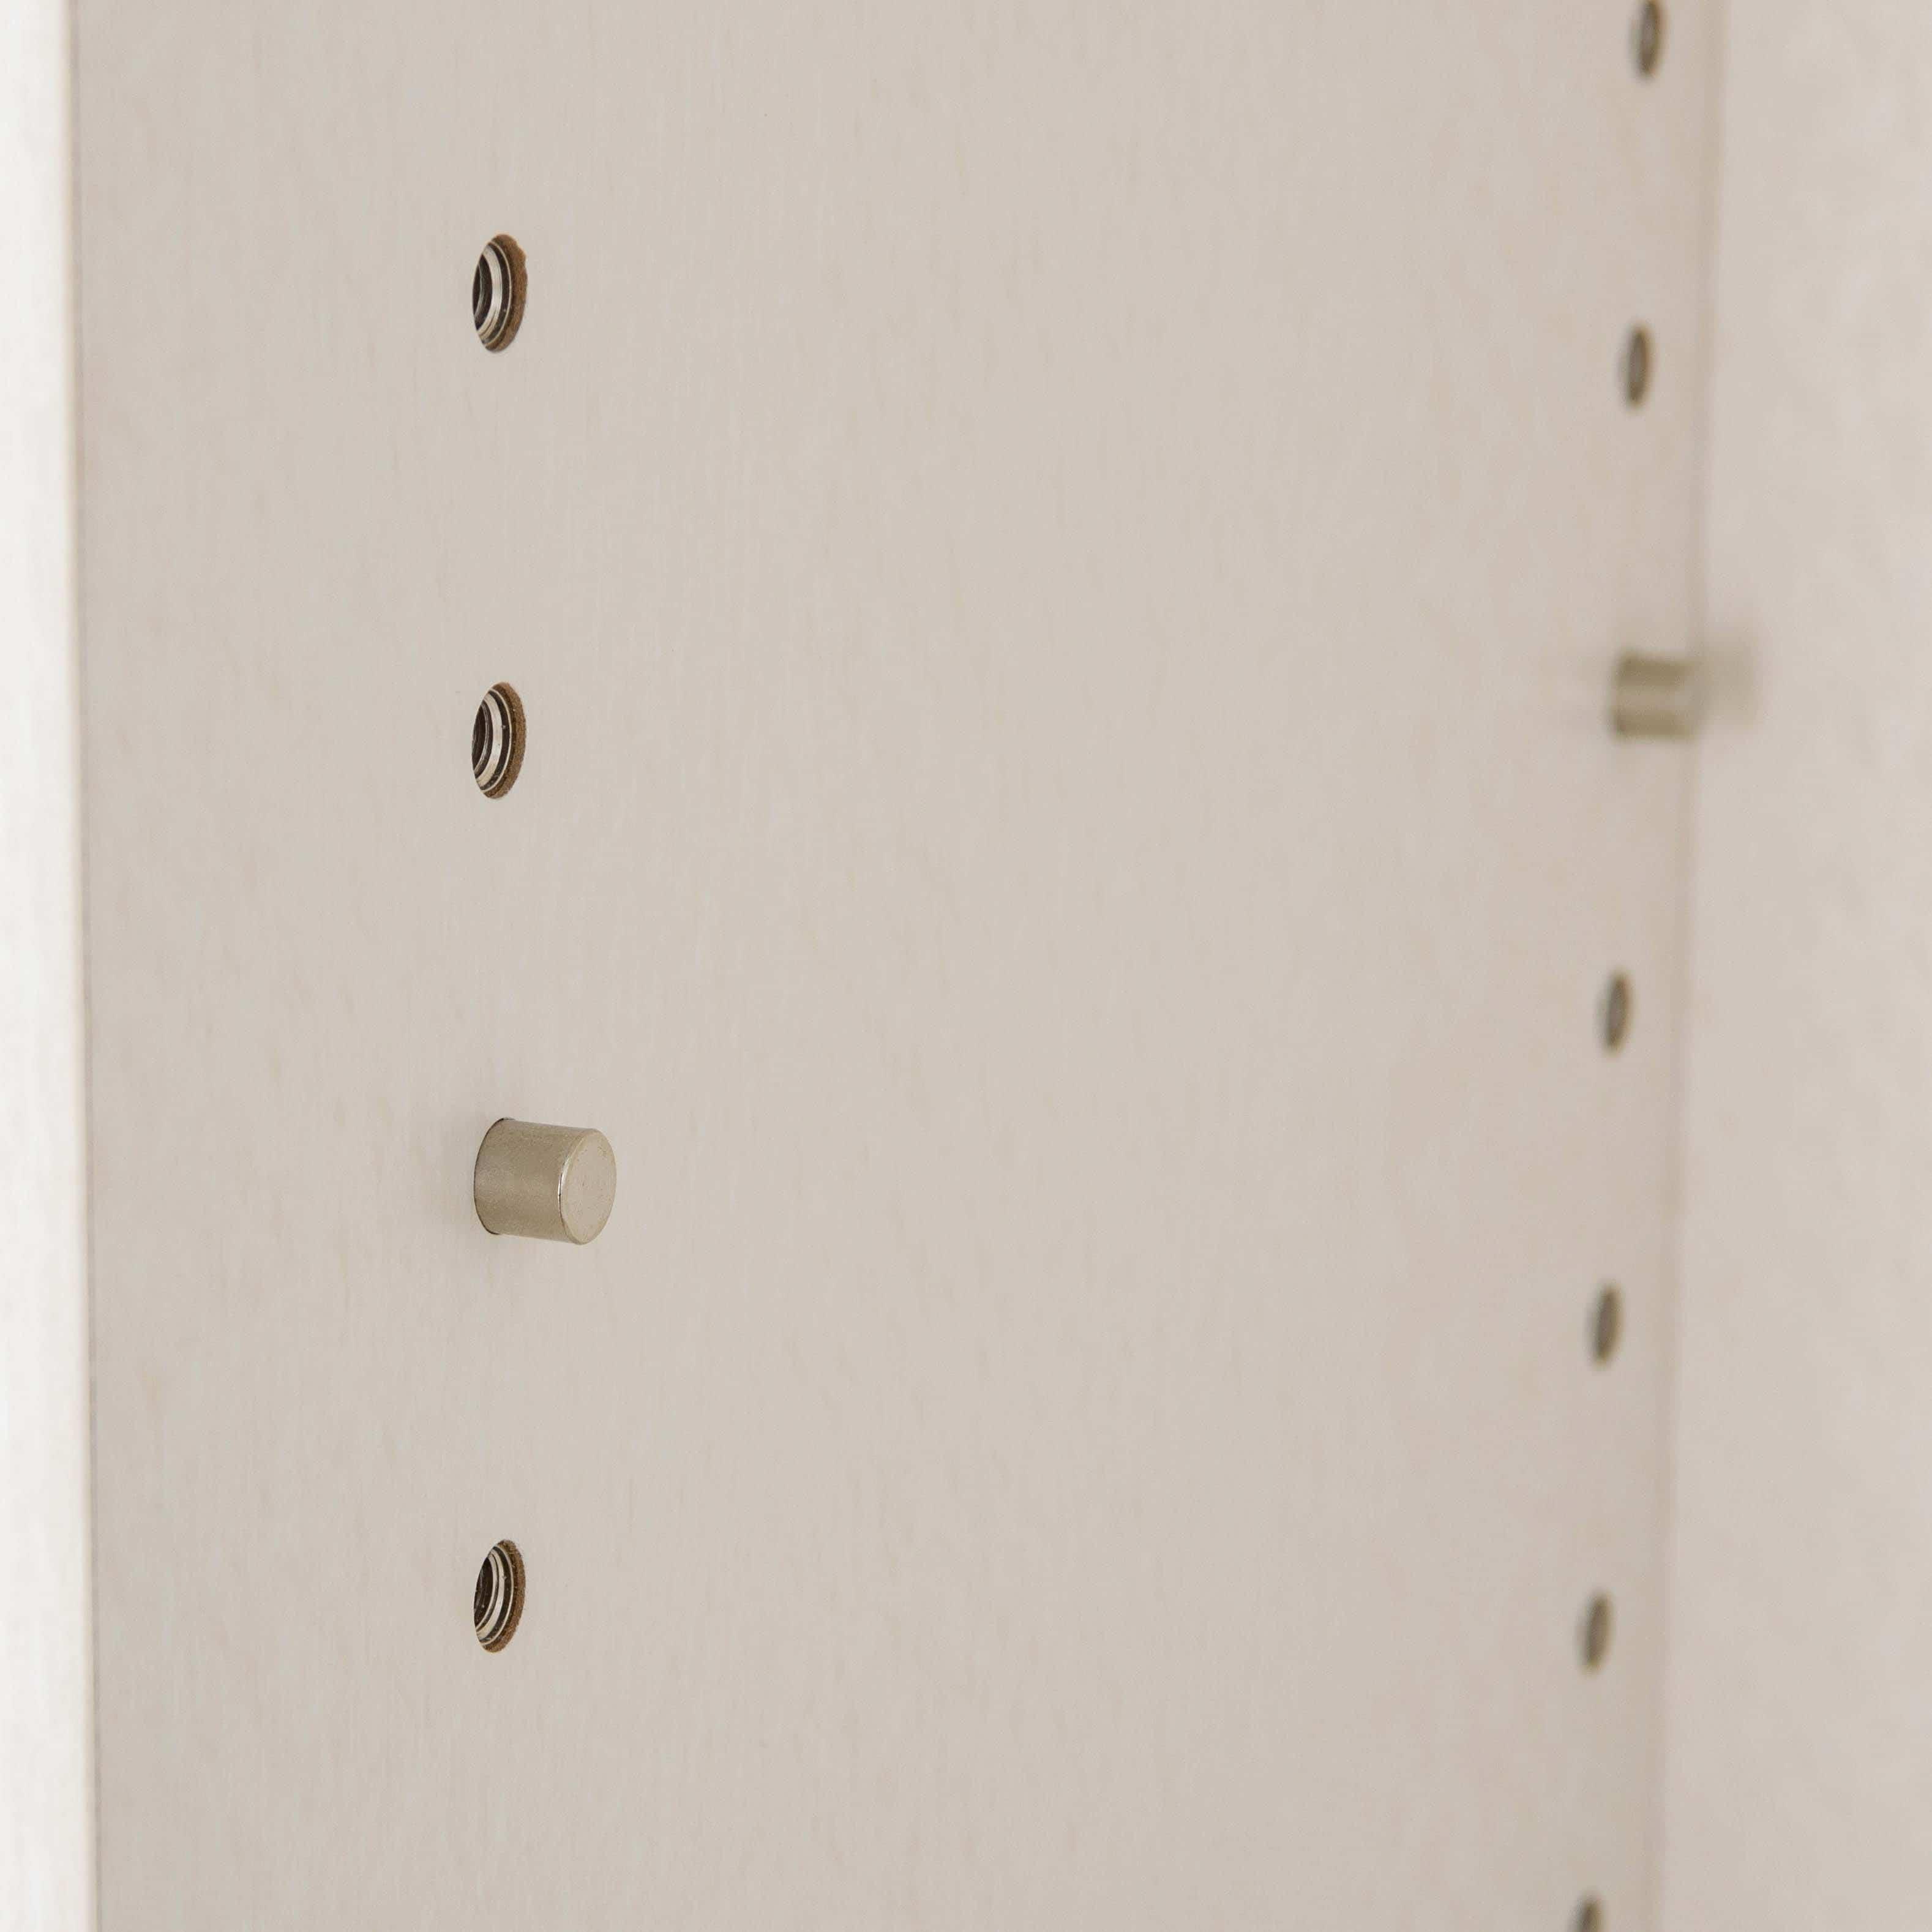 小島工芸 書棚 アコード120H(ホワイト):キレイに収まる魅せる収納